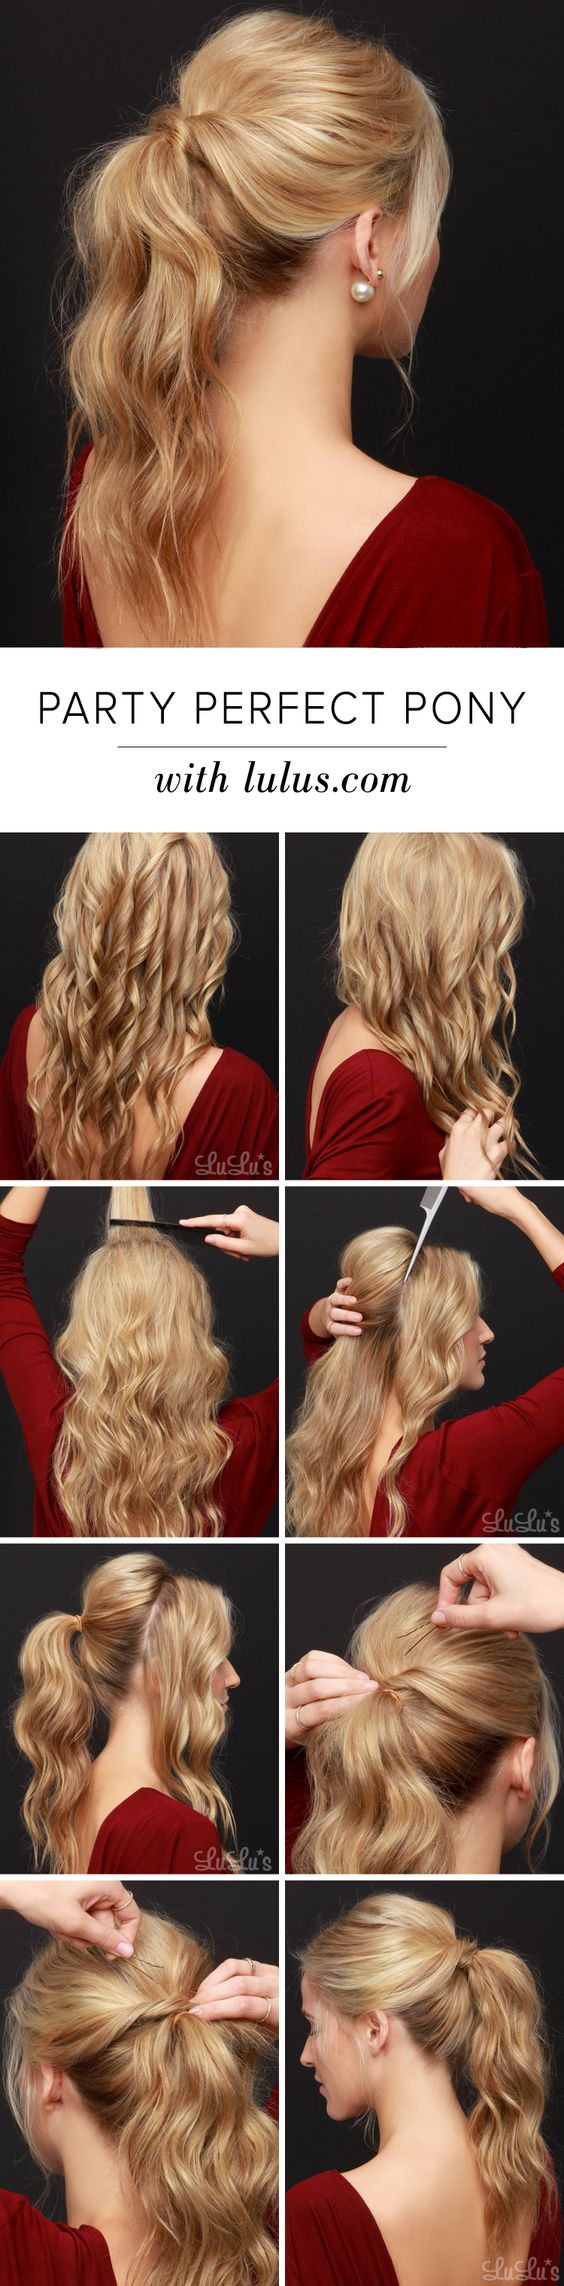 10 szuper nyári frizuratipp hosszú hajúaknak